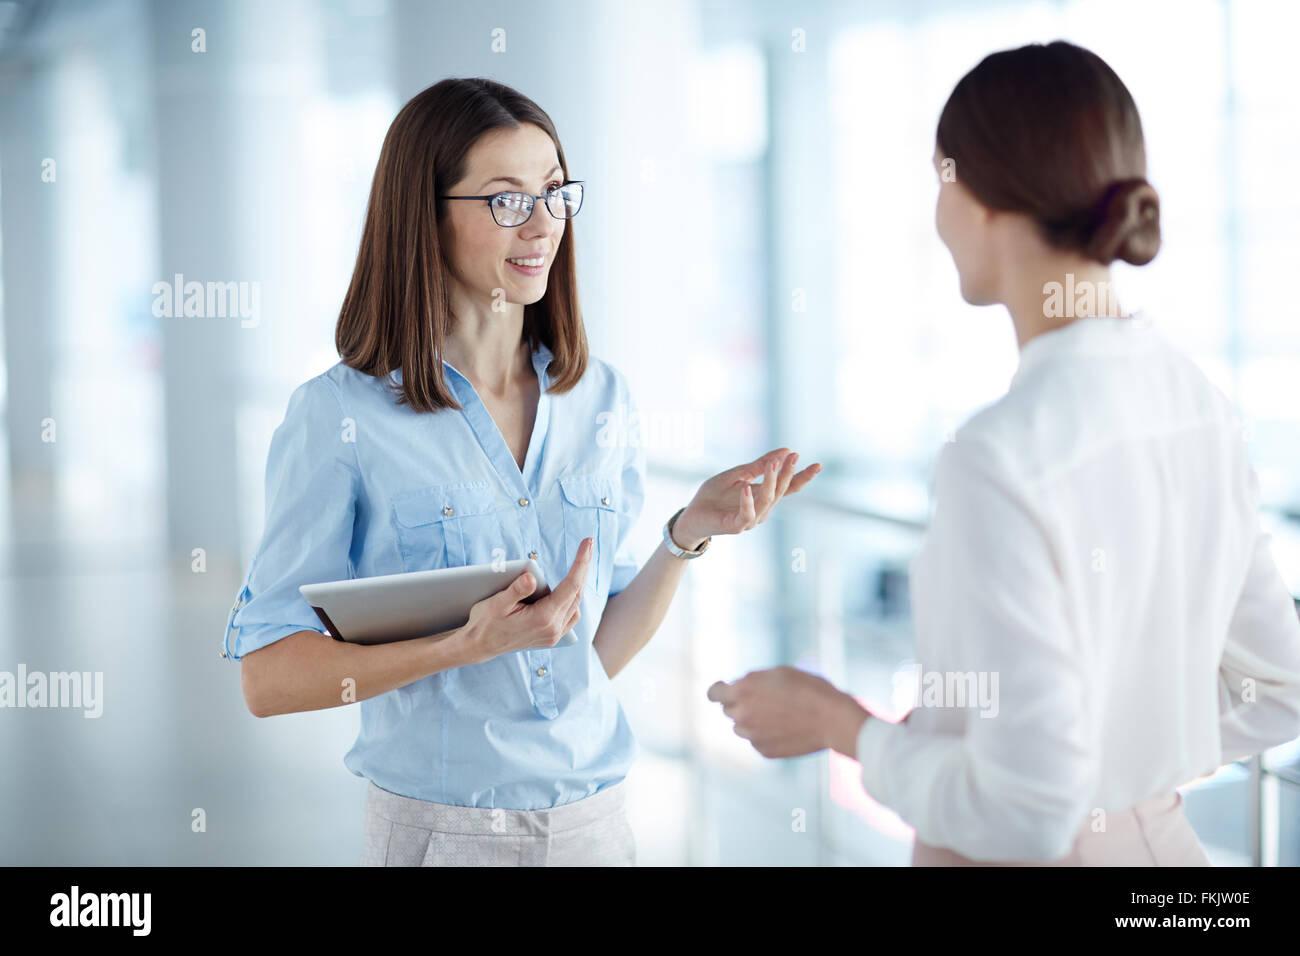 Junge Frau mit Touchpad etwas, ihr Partner zu erklären Stockbild